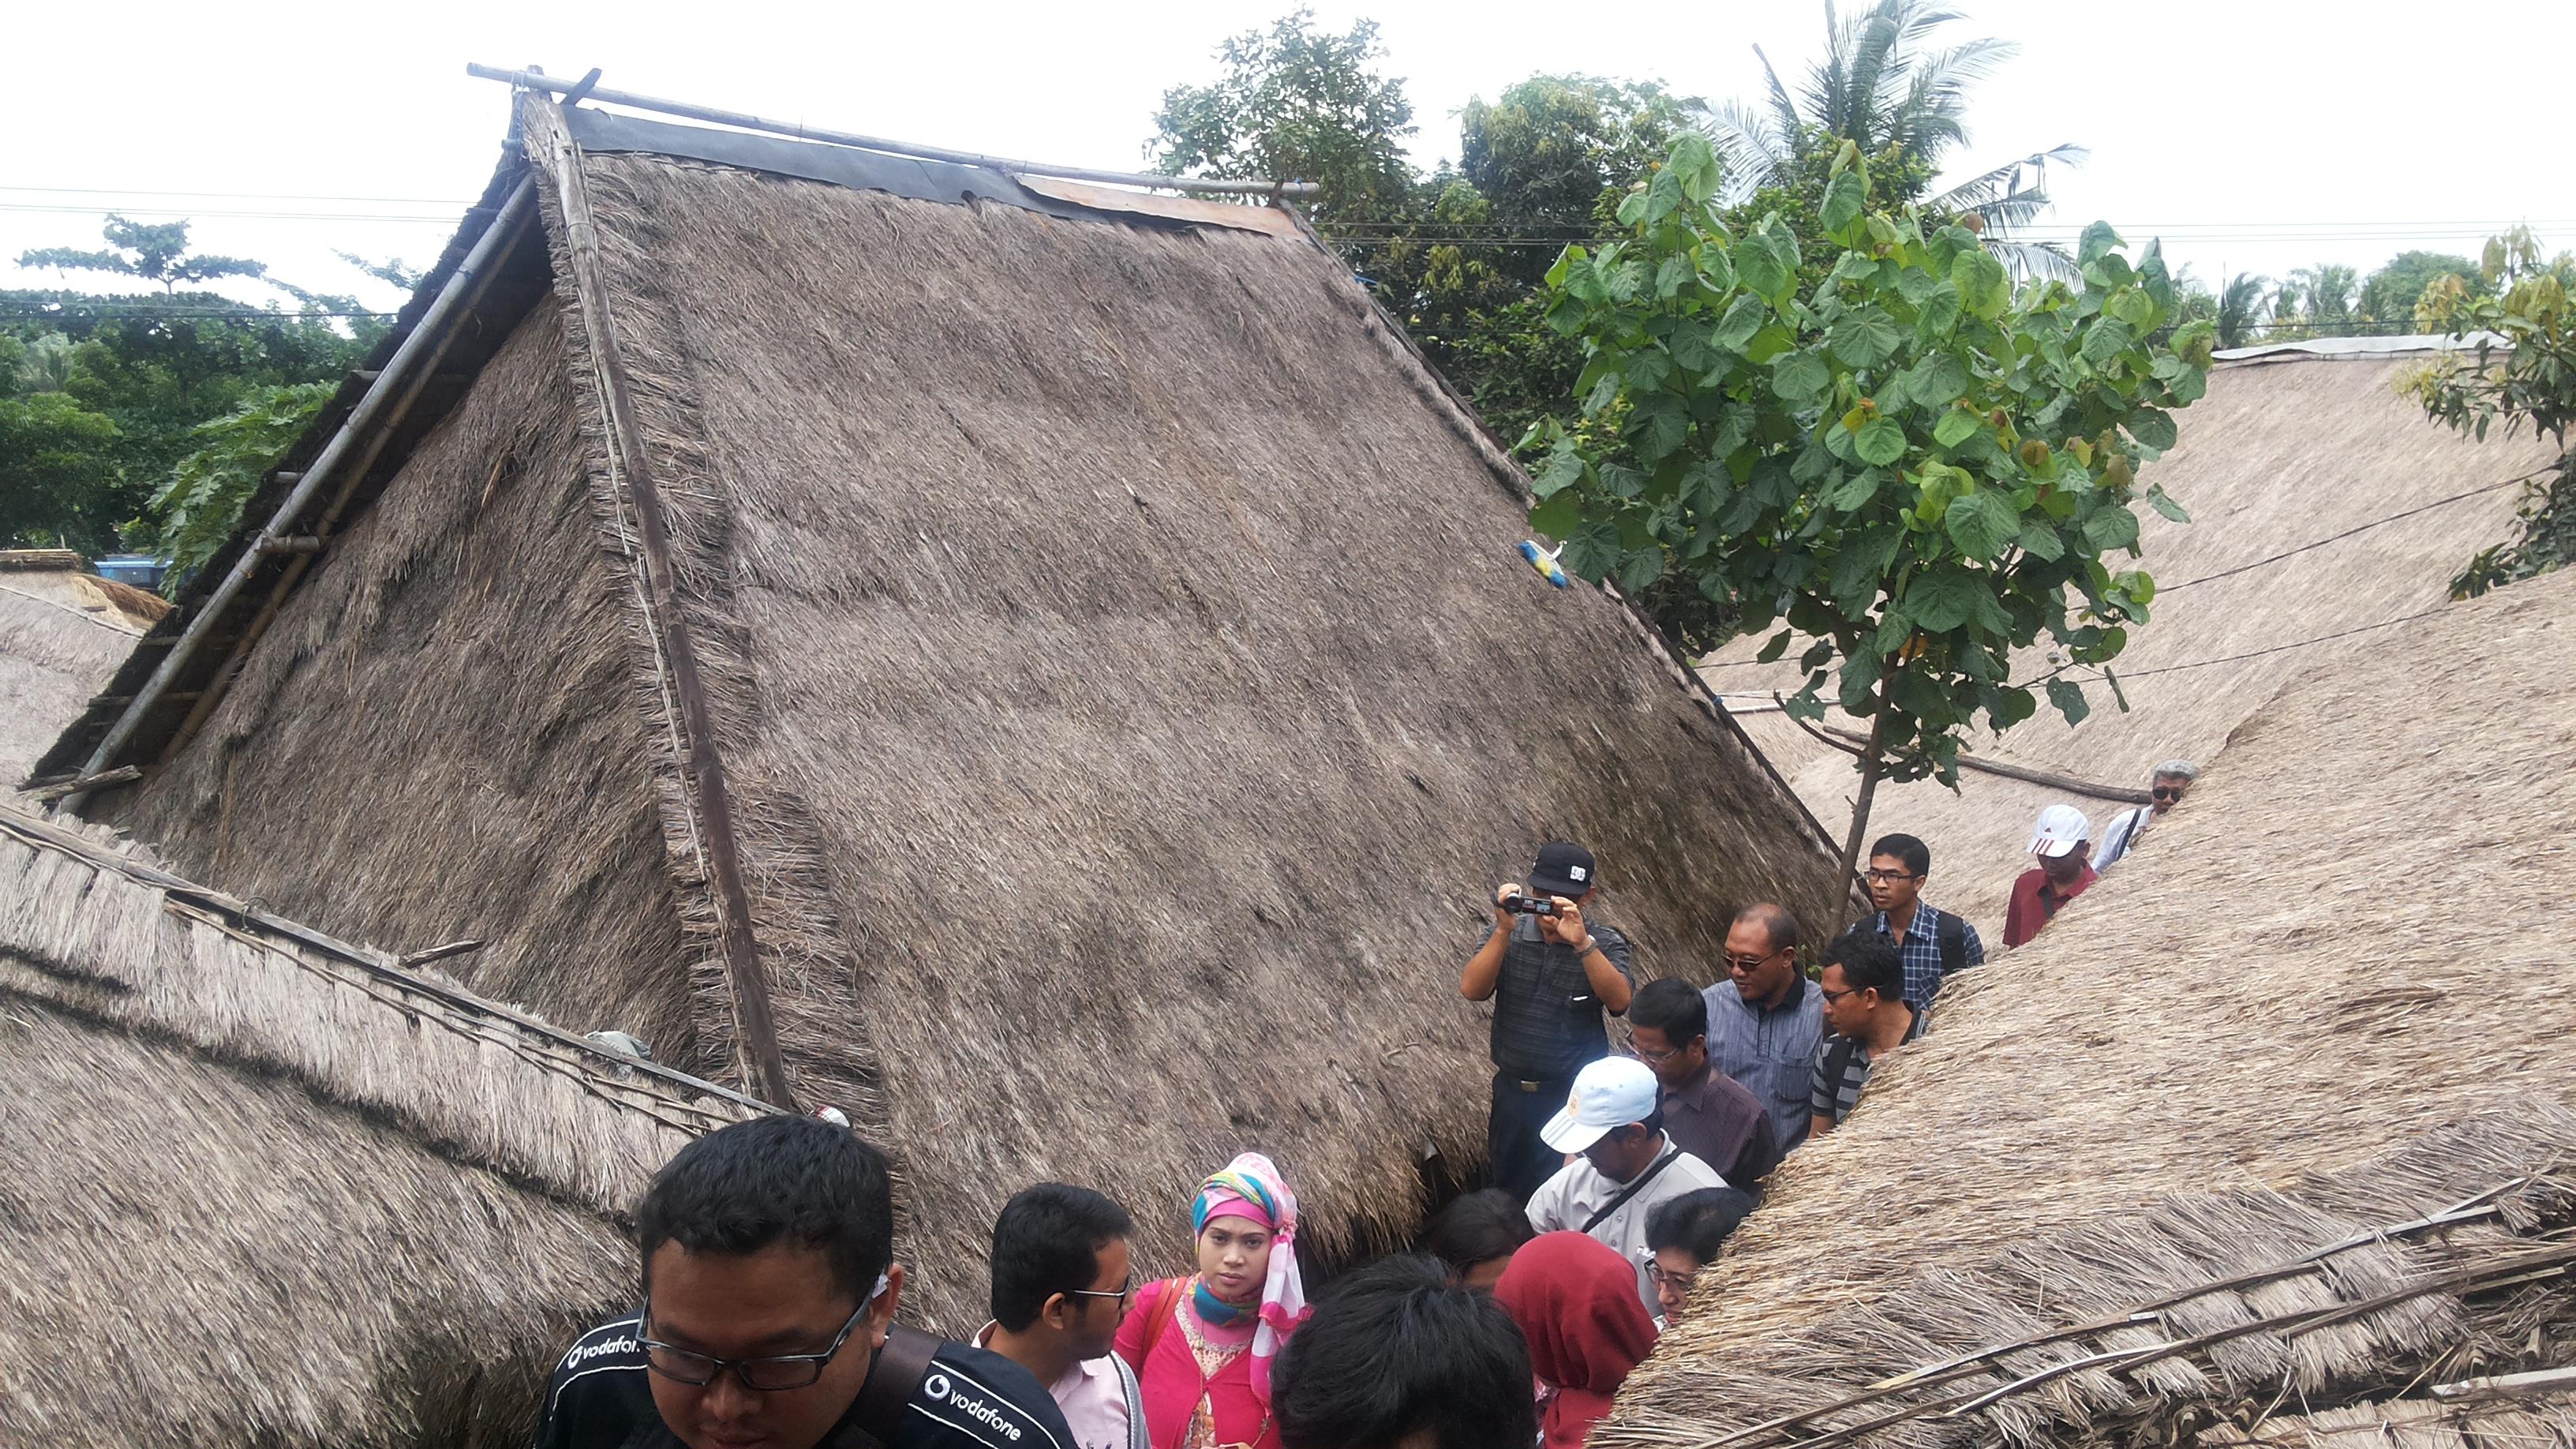 Kemasan Kearifan Lokal Kampung Adat Sade Oleh Deliana Setia Rumah